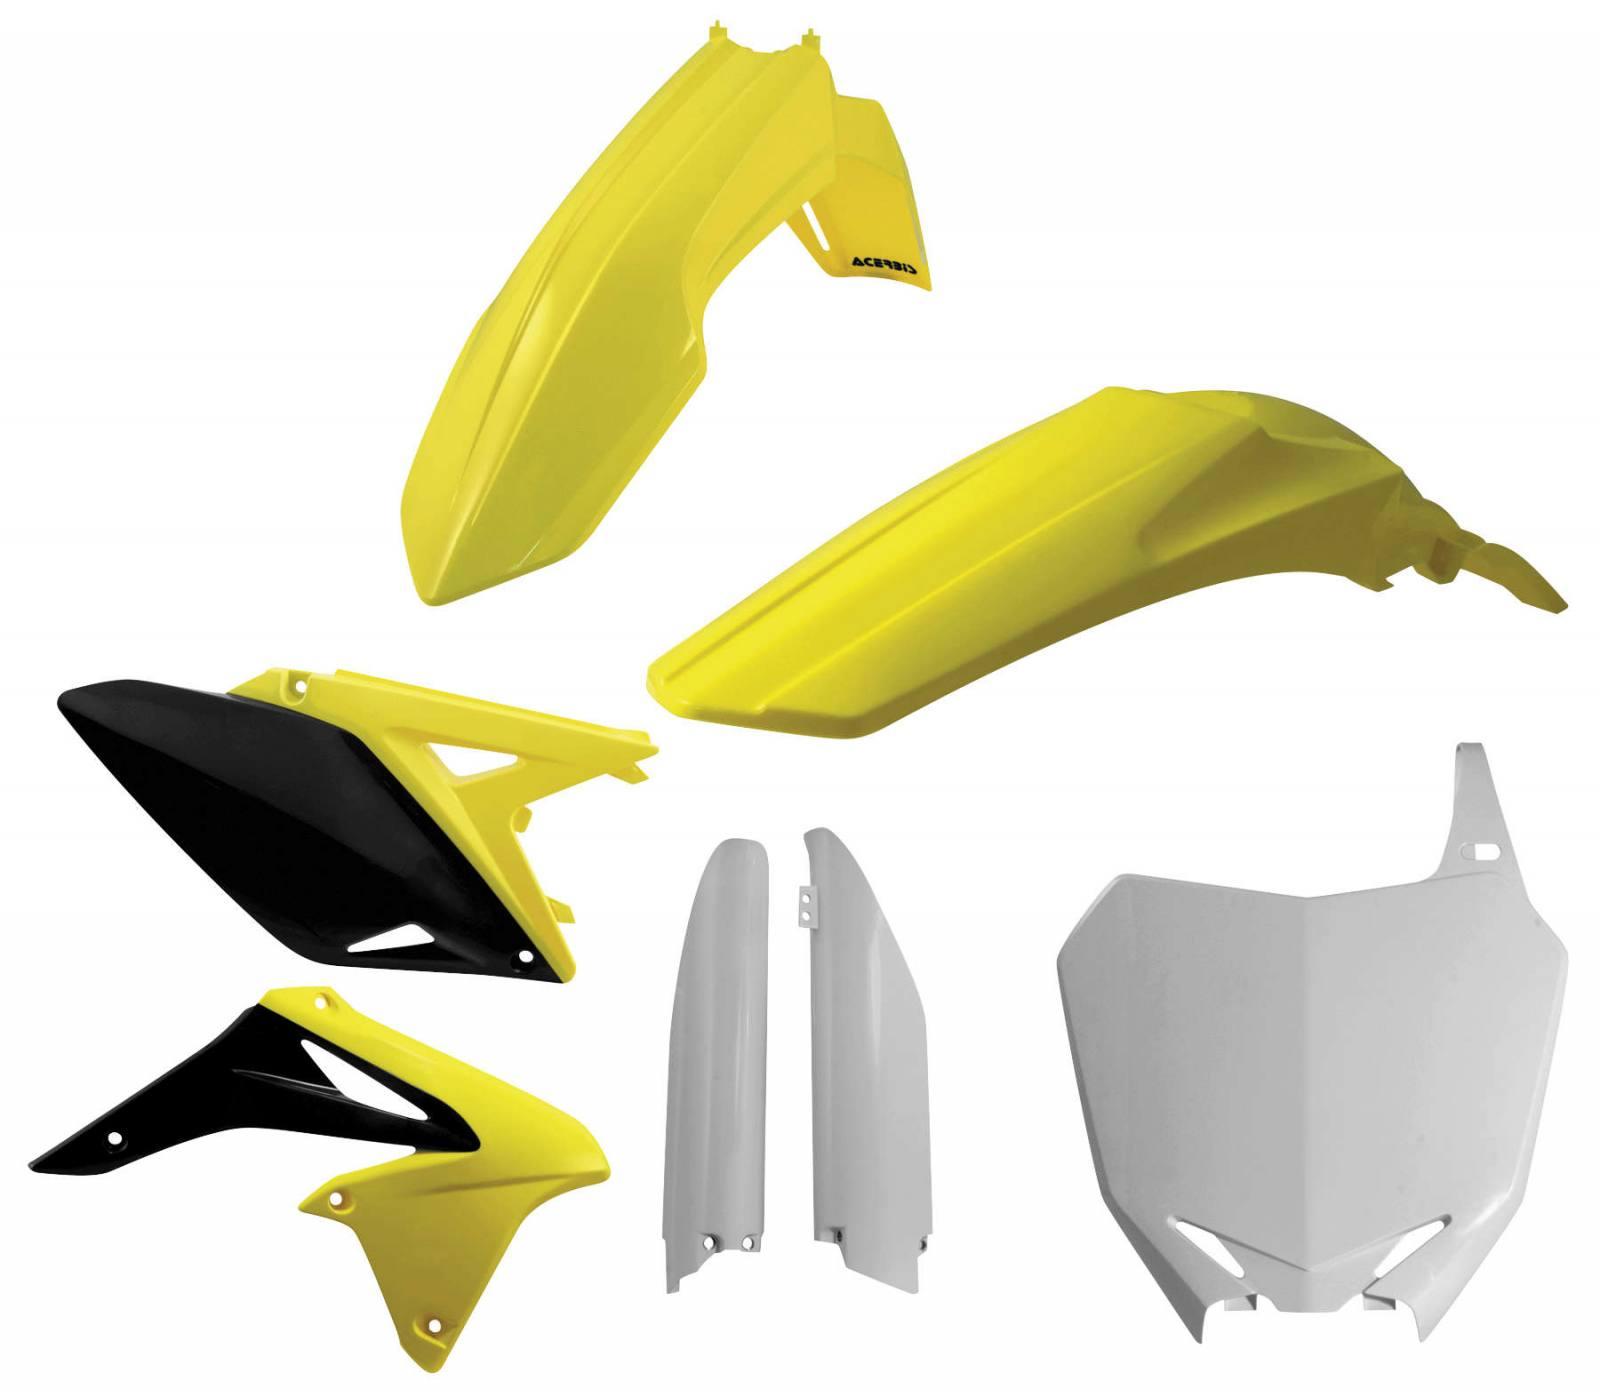 Full Plastic Kit Original /'18 Acerbis 2685825909 2018 KX250F